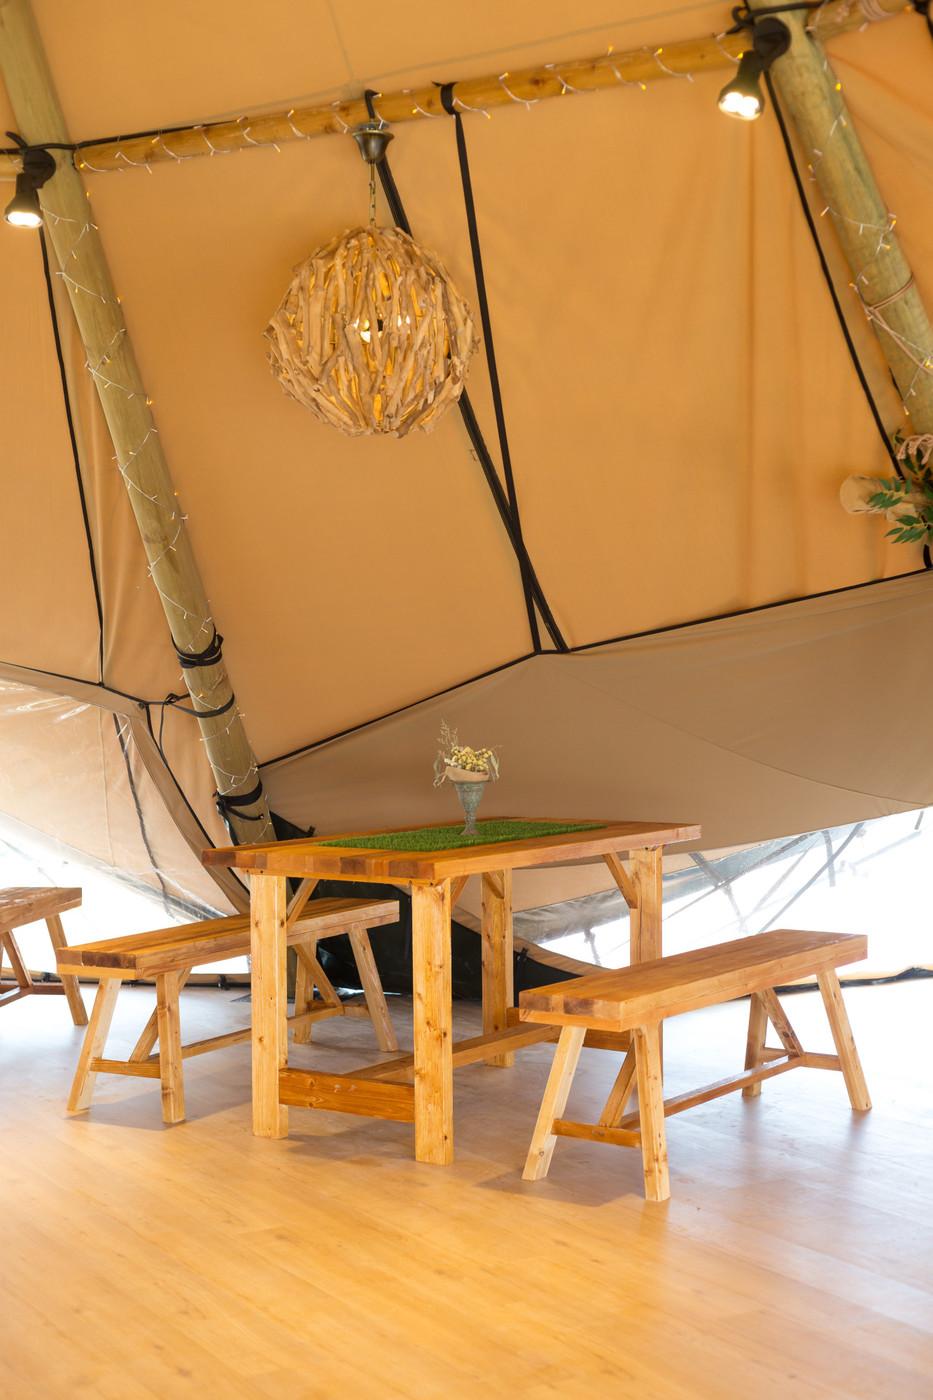 喜马拉雅印第安多功能大厅帐篷酒店31